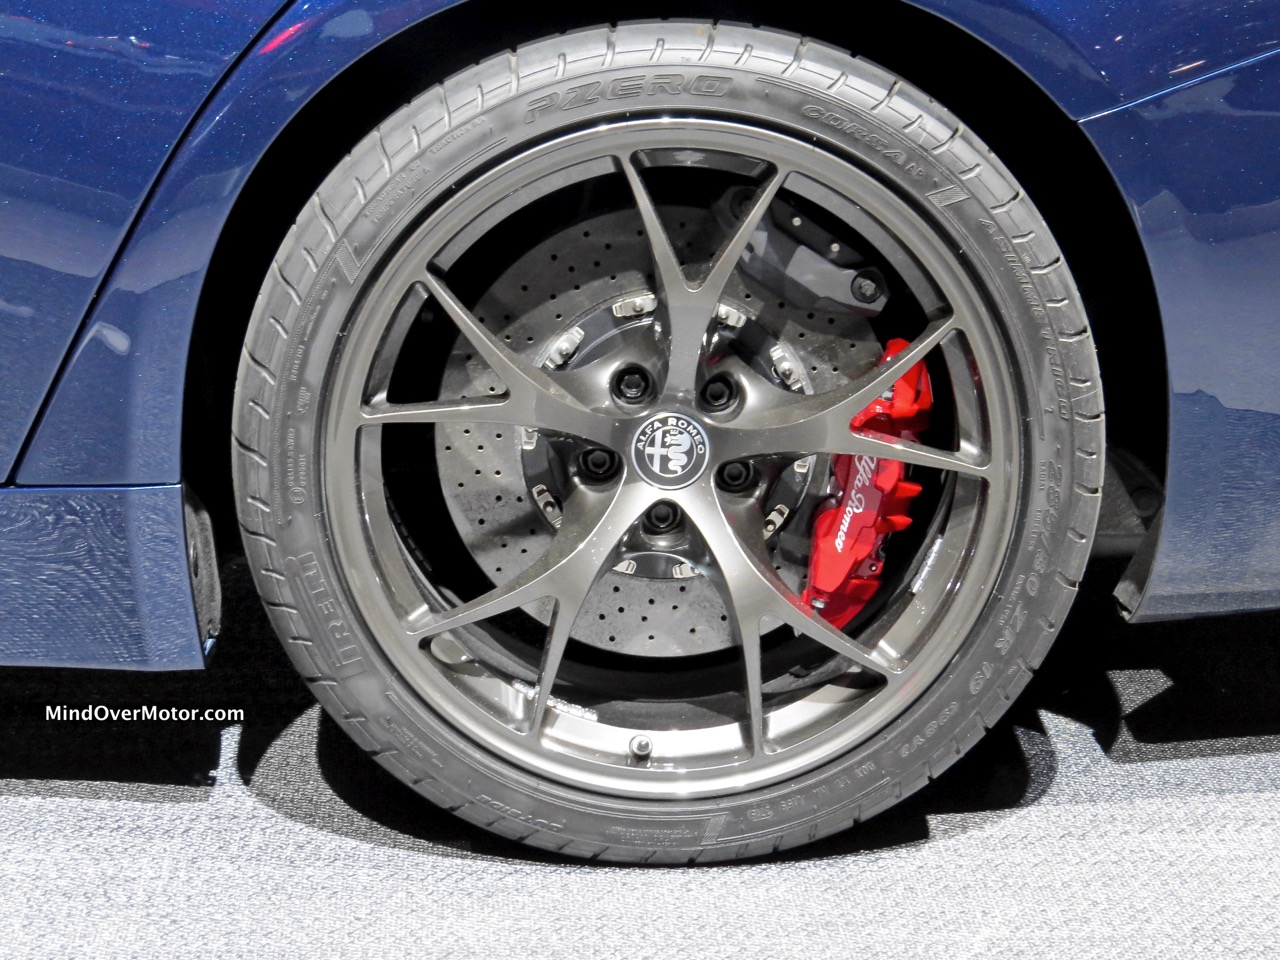 Alfa Romeo Giulia Wheel